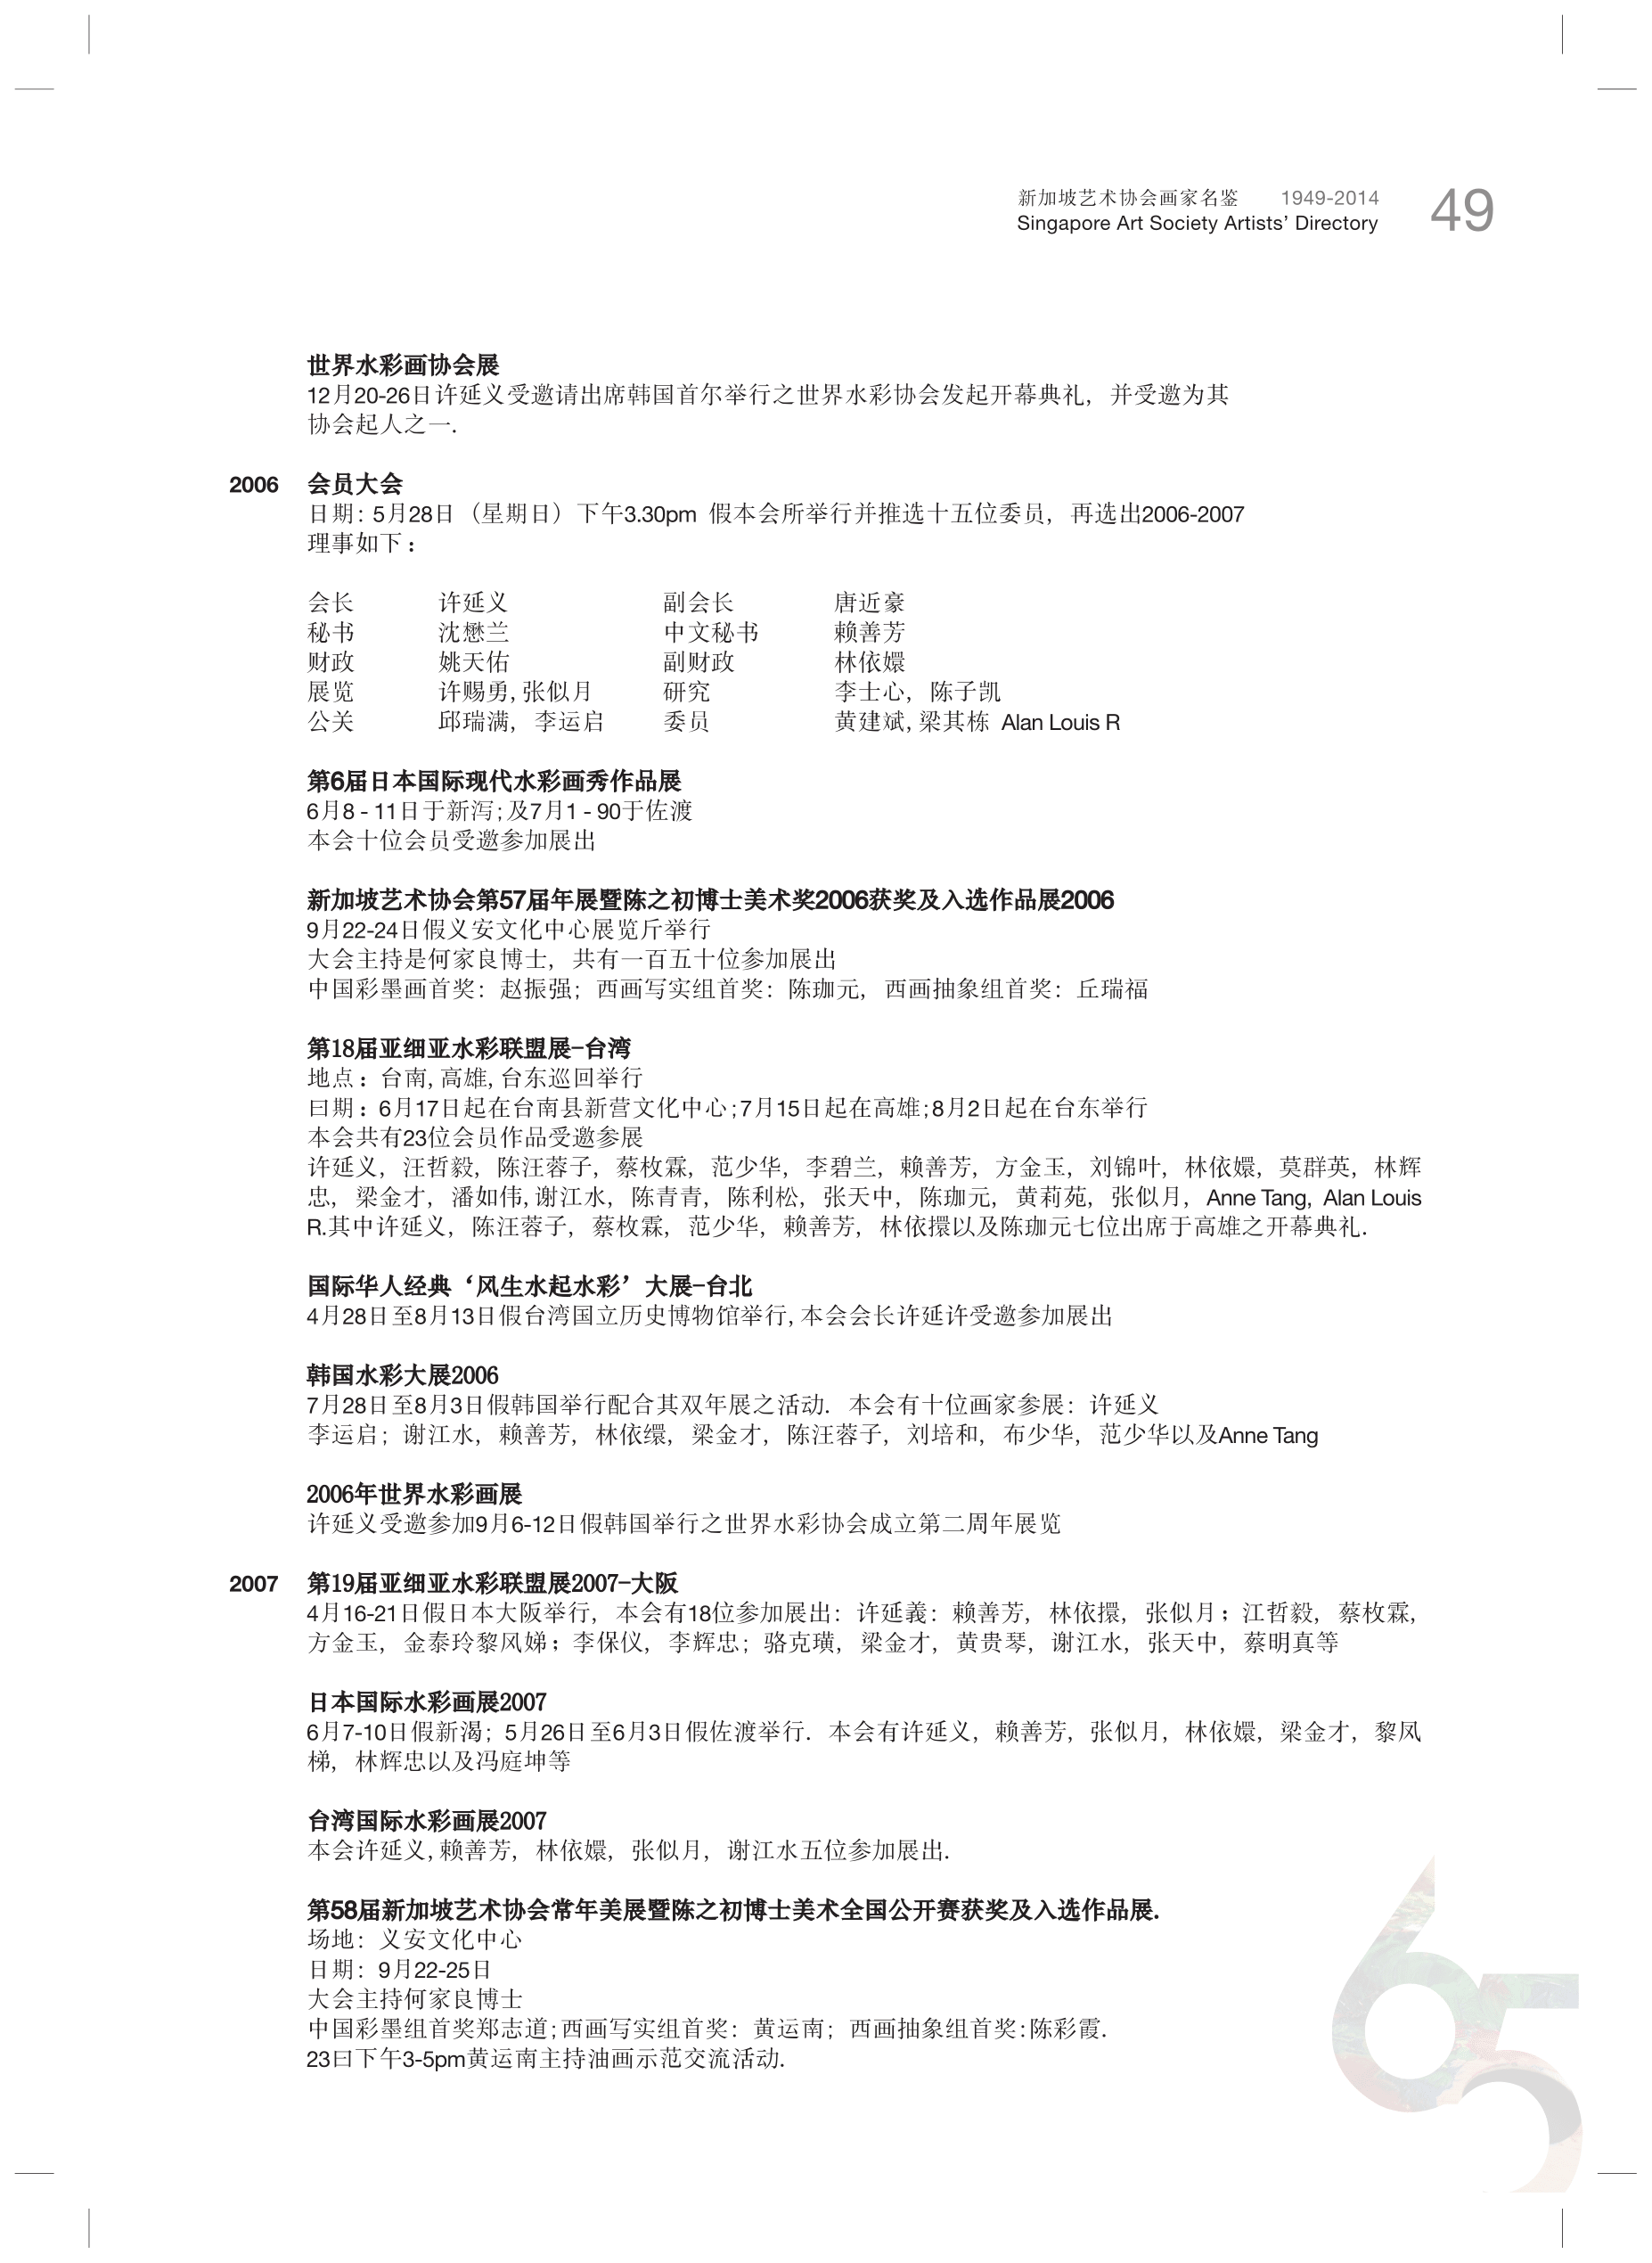 SG 65 inside_Part5-05